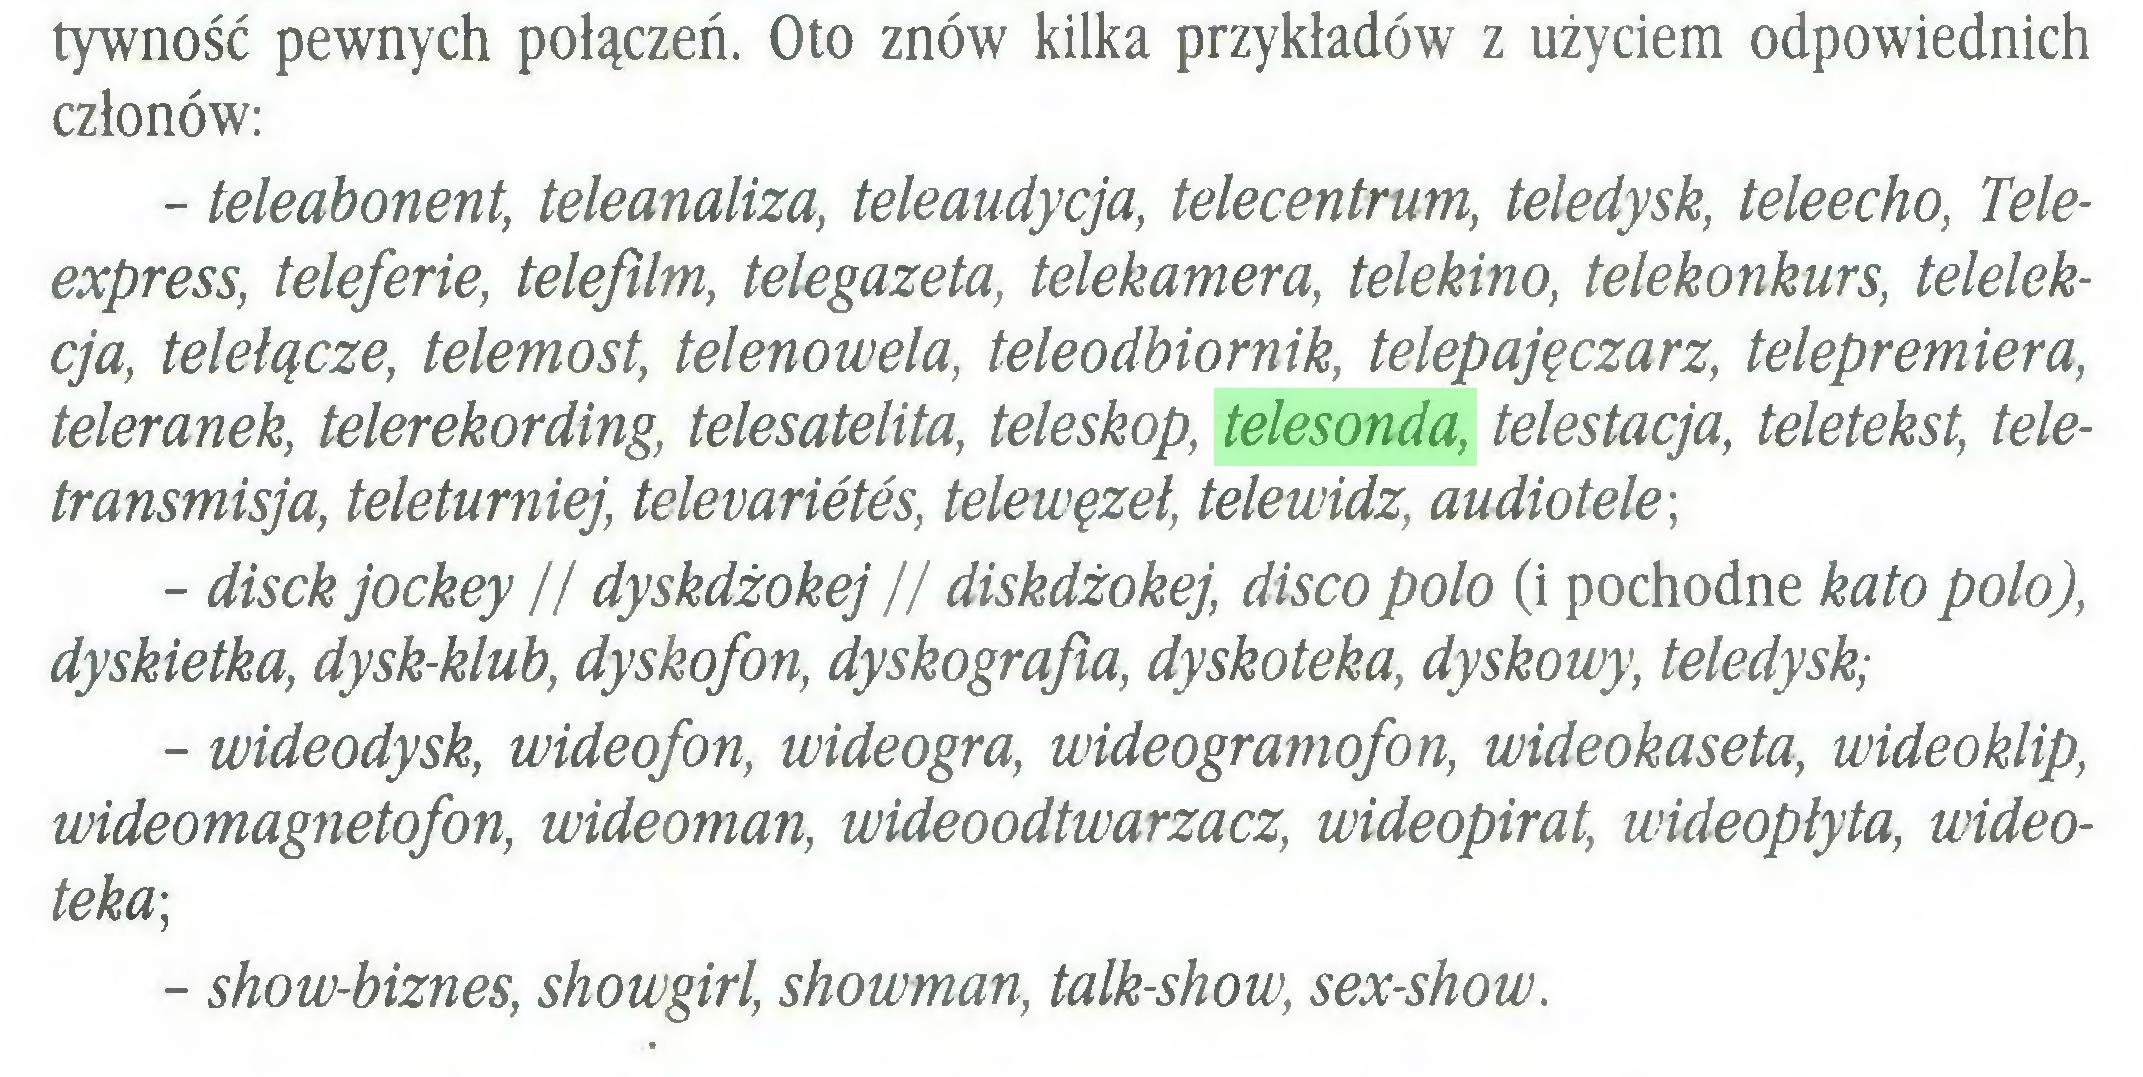 (...) tywność pewnych połączeń. Oto znów kilka przykładów z użyciem odpowiednich członów: - teleabonent, teleanaliza, teleaudycja, telecentrum, teledysk, teleecho, Teleexpress, teleferie, telefilm, telegazeta, telekamera, telekino, telekonkurs, telelekcja, telelącze, telemost, telenowela, teleodbiornik, telepajęczarz, telepremiera, teleranek, telerekording, telesatelita, teleskop, telesonda, telestacja, teletekst, teletransmisja, teleturniej, televarietes, telewęzel, telewidz, audiotele; - disck jockey // dyskdżokej // diskdżokej, disco polo (i pochodne kato polo), dyskietka, dysk-klub, dyskofon, dyskografia, dyskoteka, dyskowy, teledysk; - wideodysk, wideofon, wideogra, wideogramofon, wideokaseta, wideoklip, wideomagnetofon, wideoman, wideoodtwarzacz, wideopirat, wideoplyta, wideoteka; - show-biznes, showgirl, showman, talk-show, sex-show...